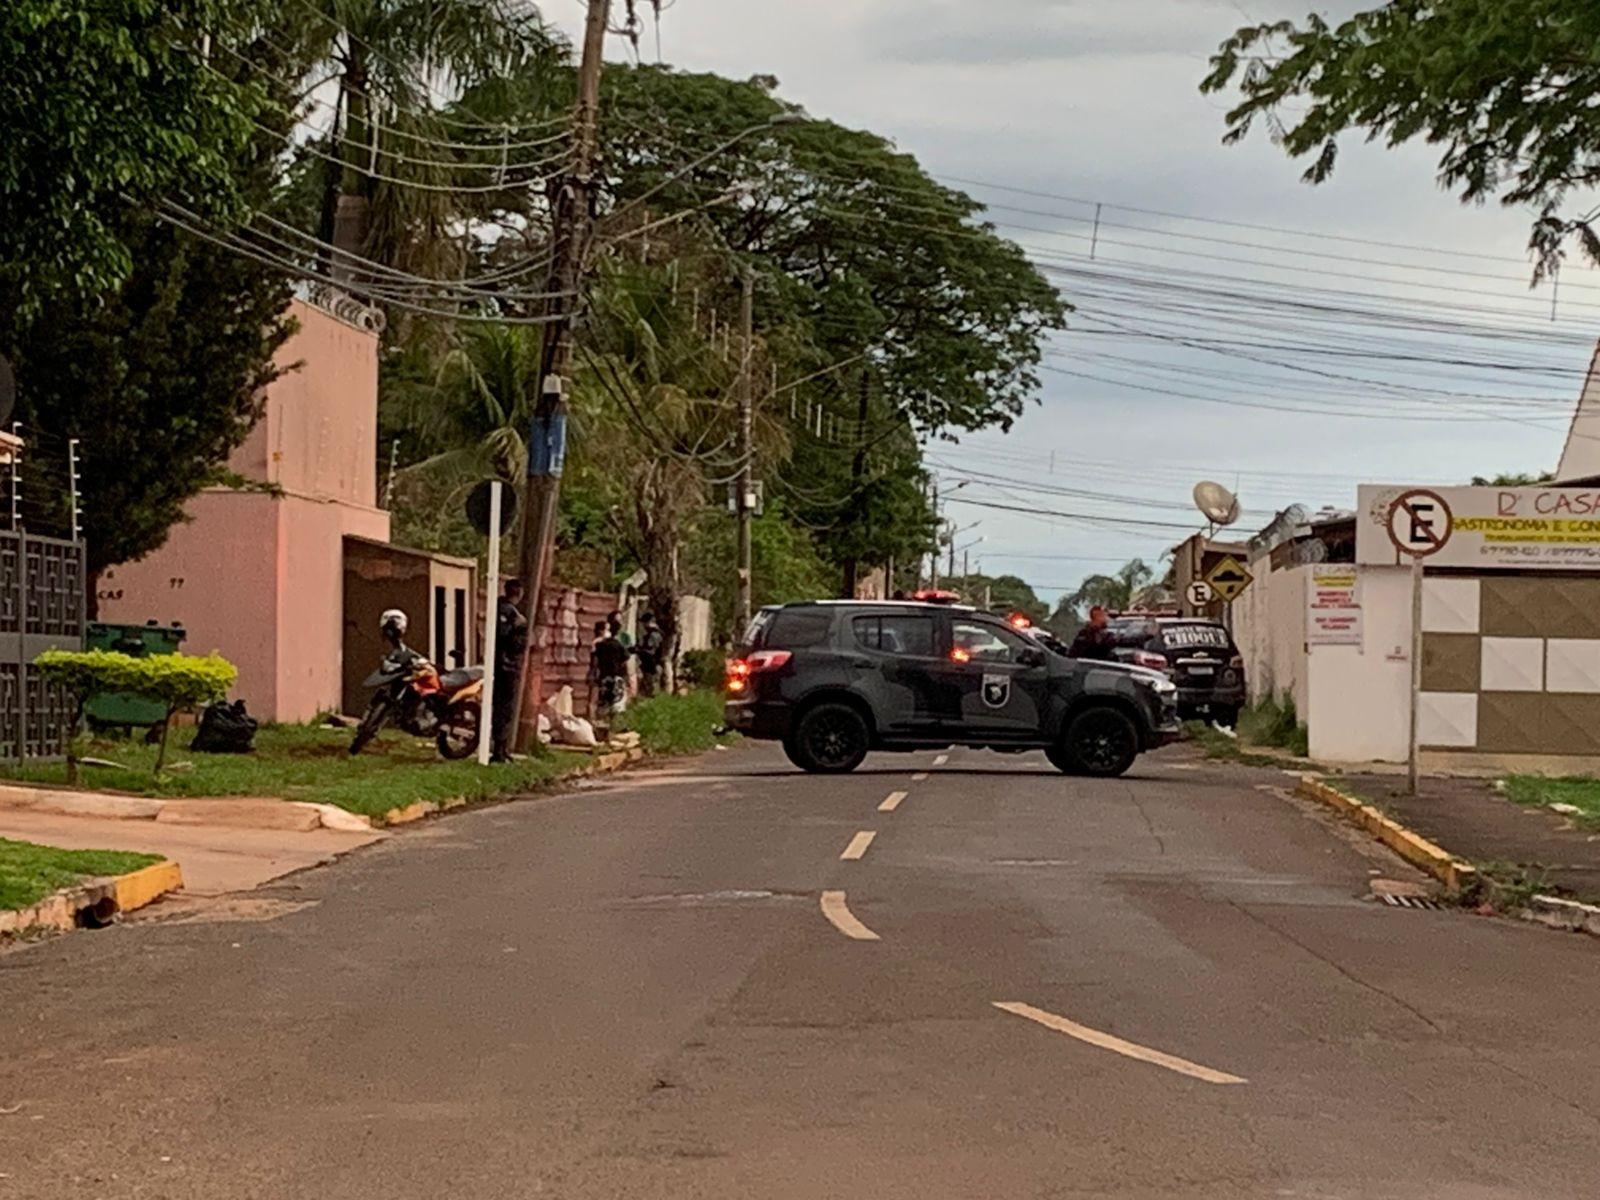 Presos por fazerem reféns em bairro de Campo Grande dizem que bebiam pinga e queriam furtar cadeiras de fio